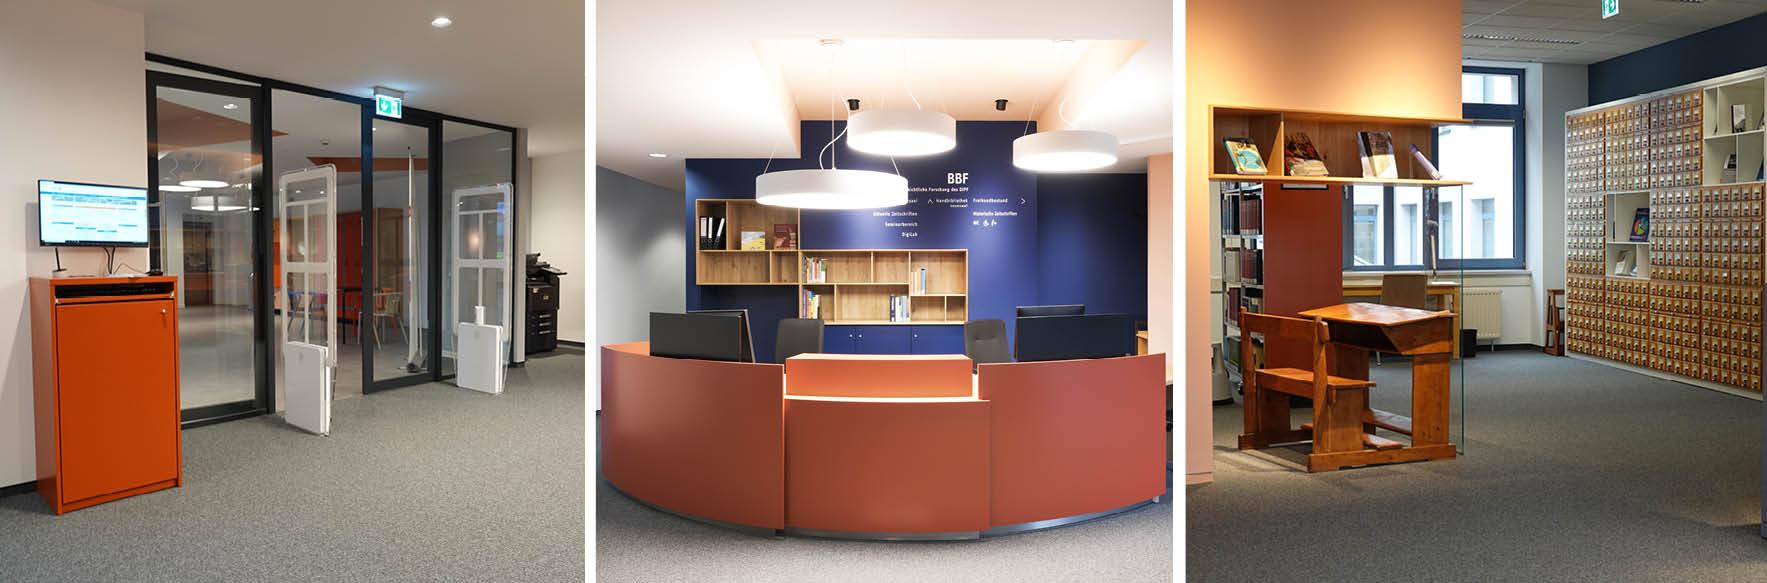 Eingangs- und Loungebereich der BBF